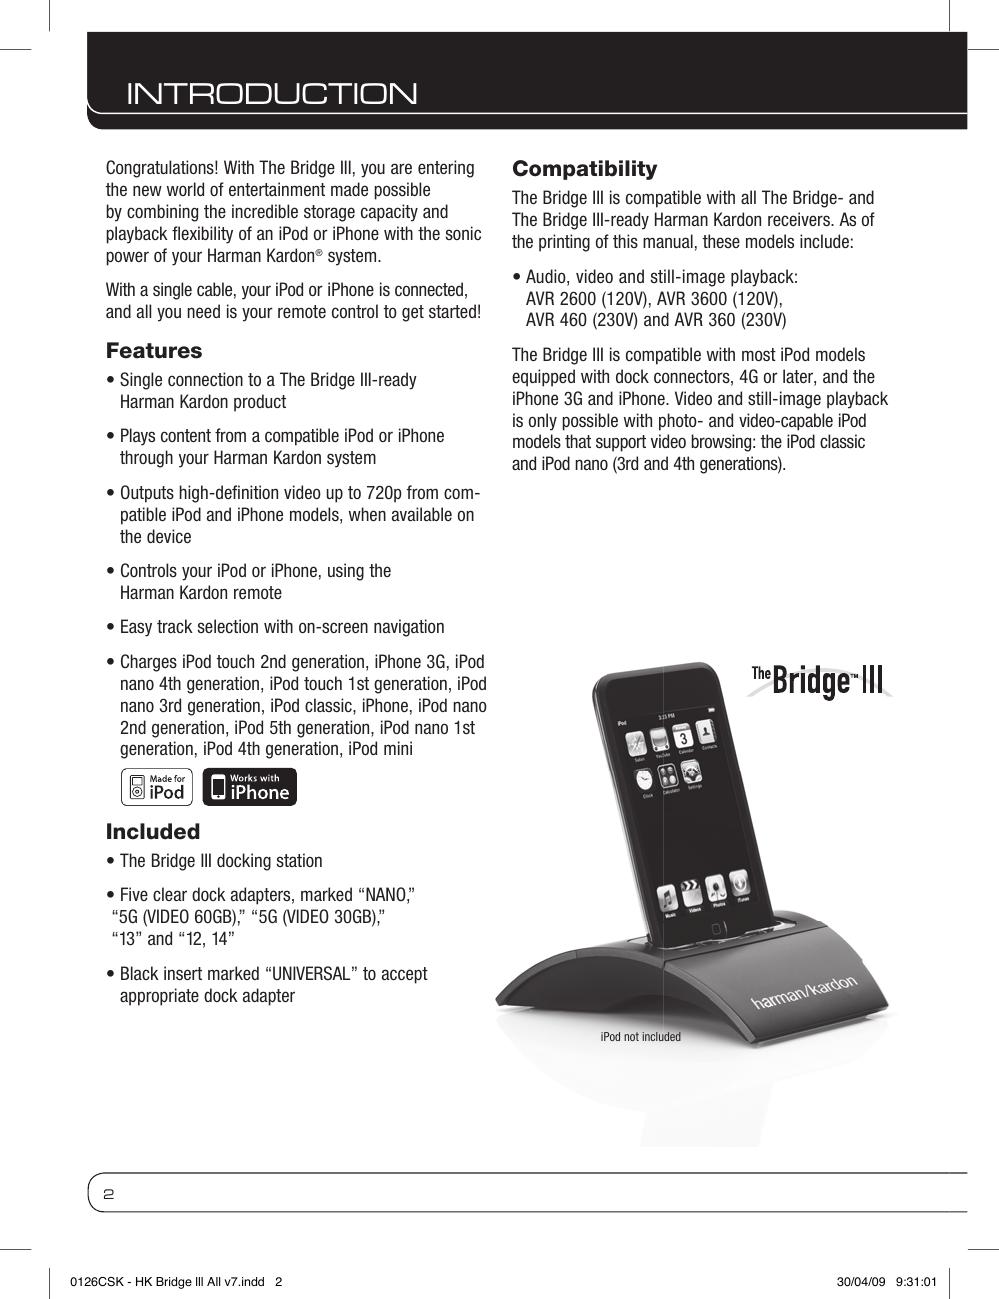 Harman Kardon Remote Control Codes